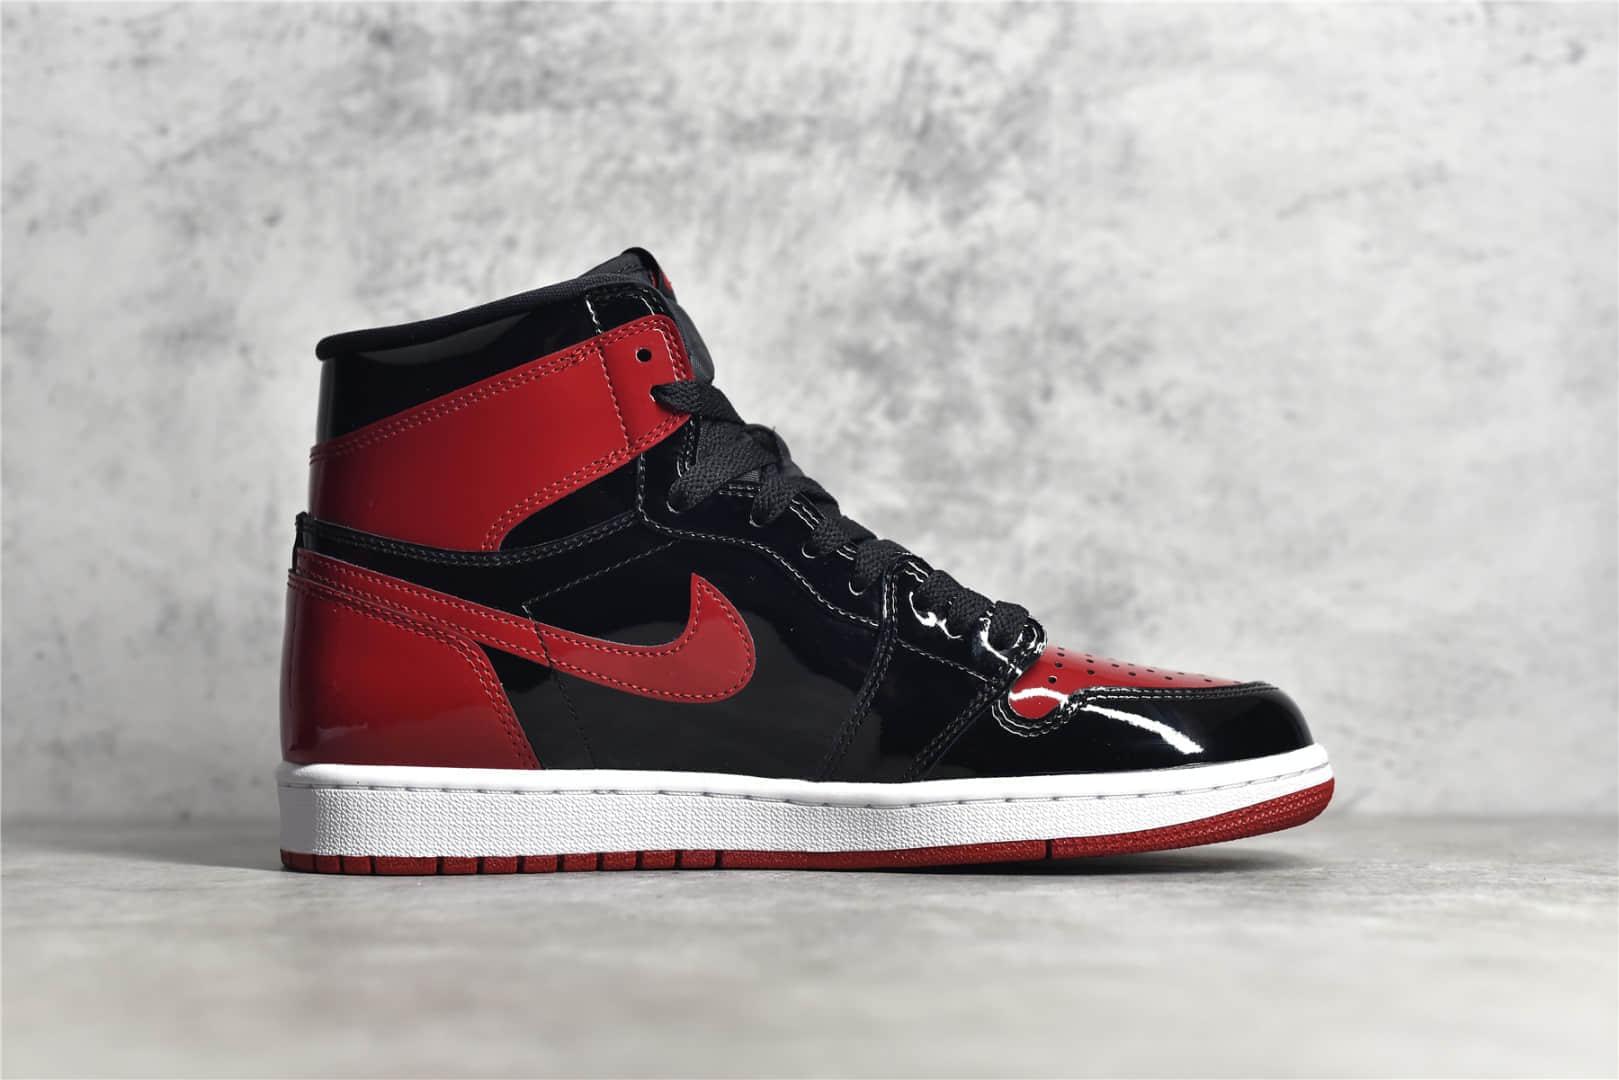 AJ1黑红漆皮高帮纯原版本 Air Jordan 1 High OG